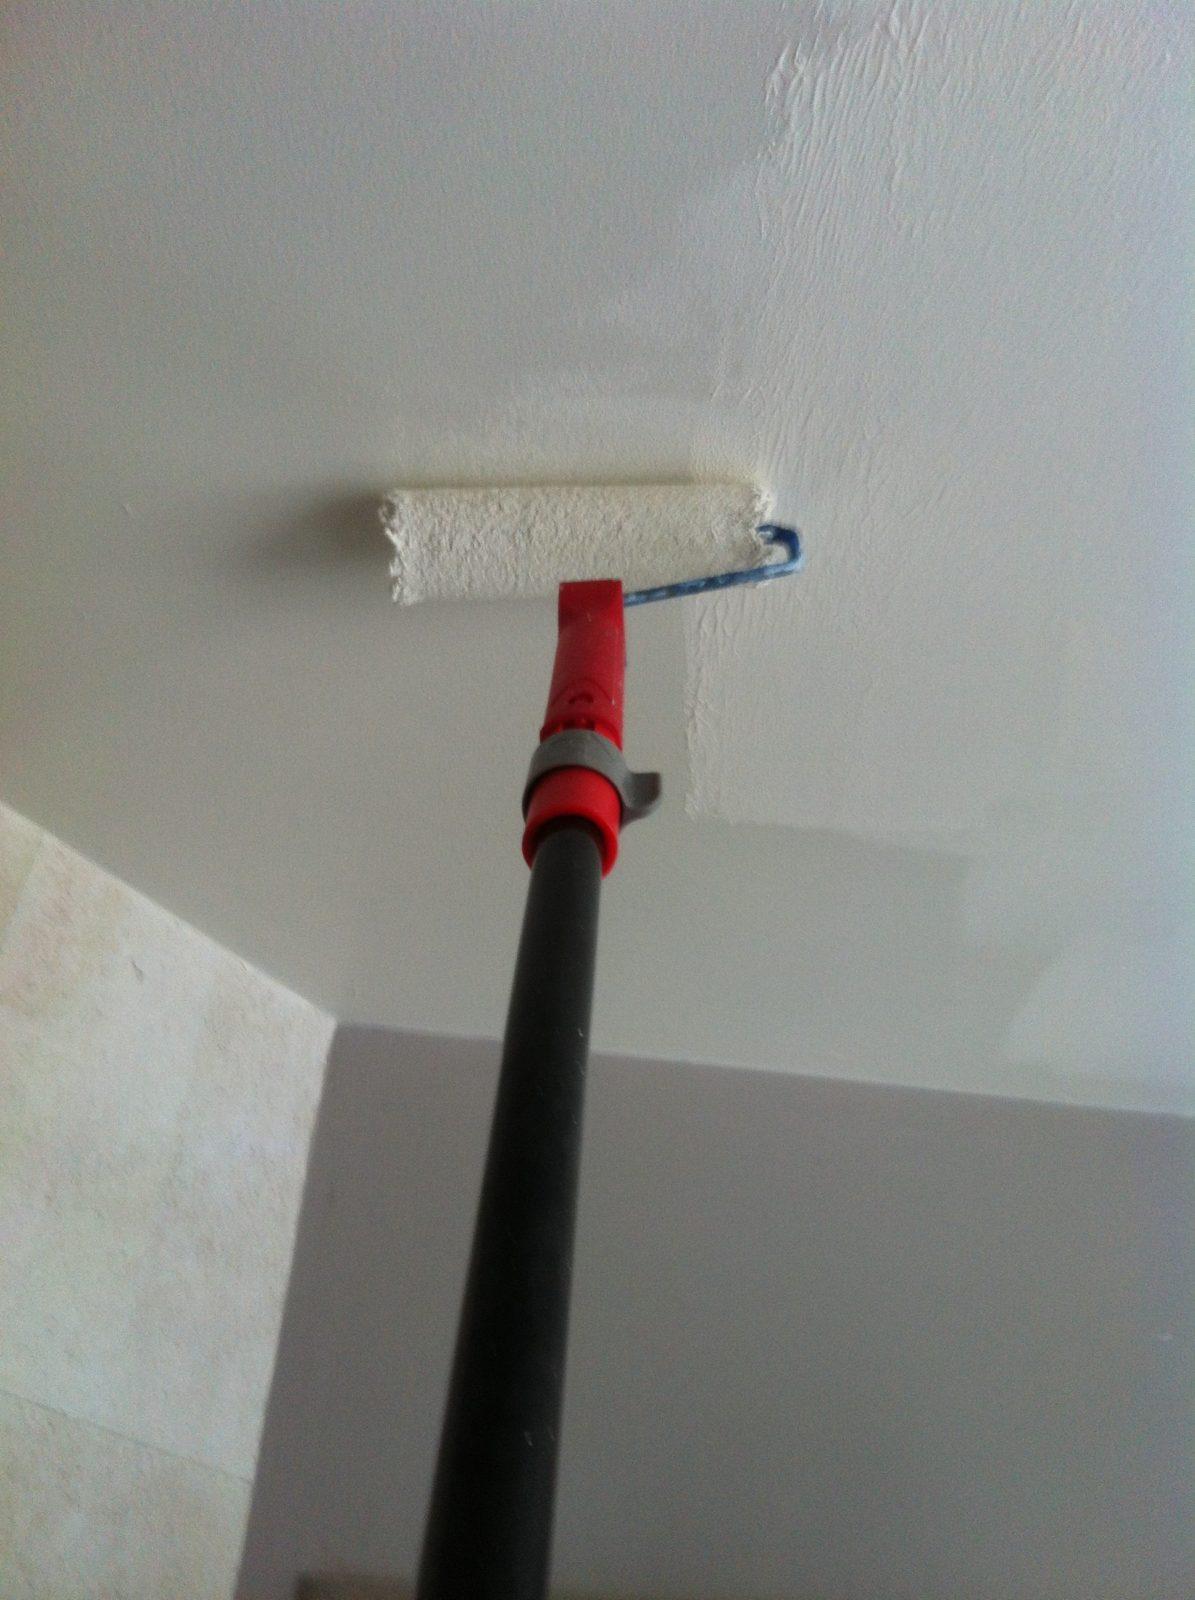 Keukeneiland Vierkant : Plafond Moet Zweven Dus Niet Een Vierkant Blok Tegen Het